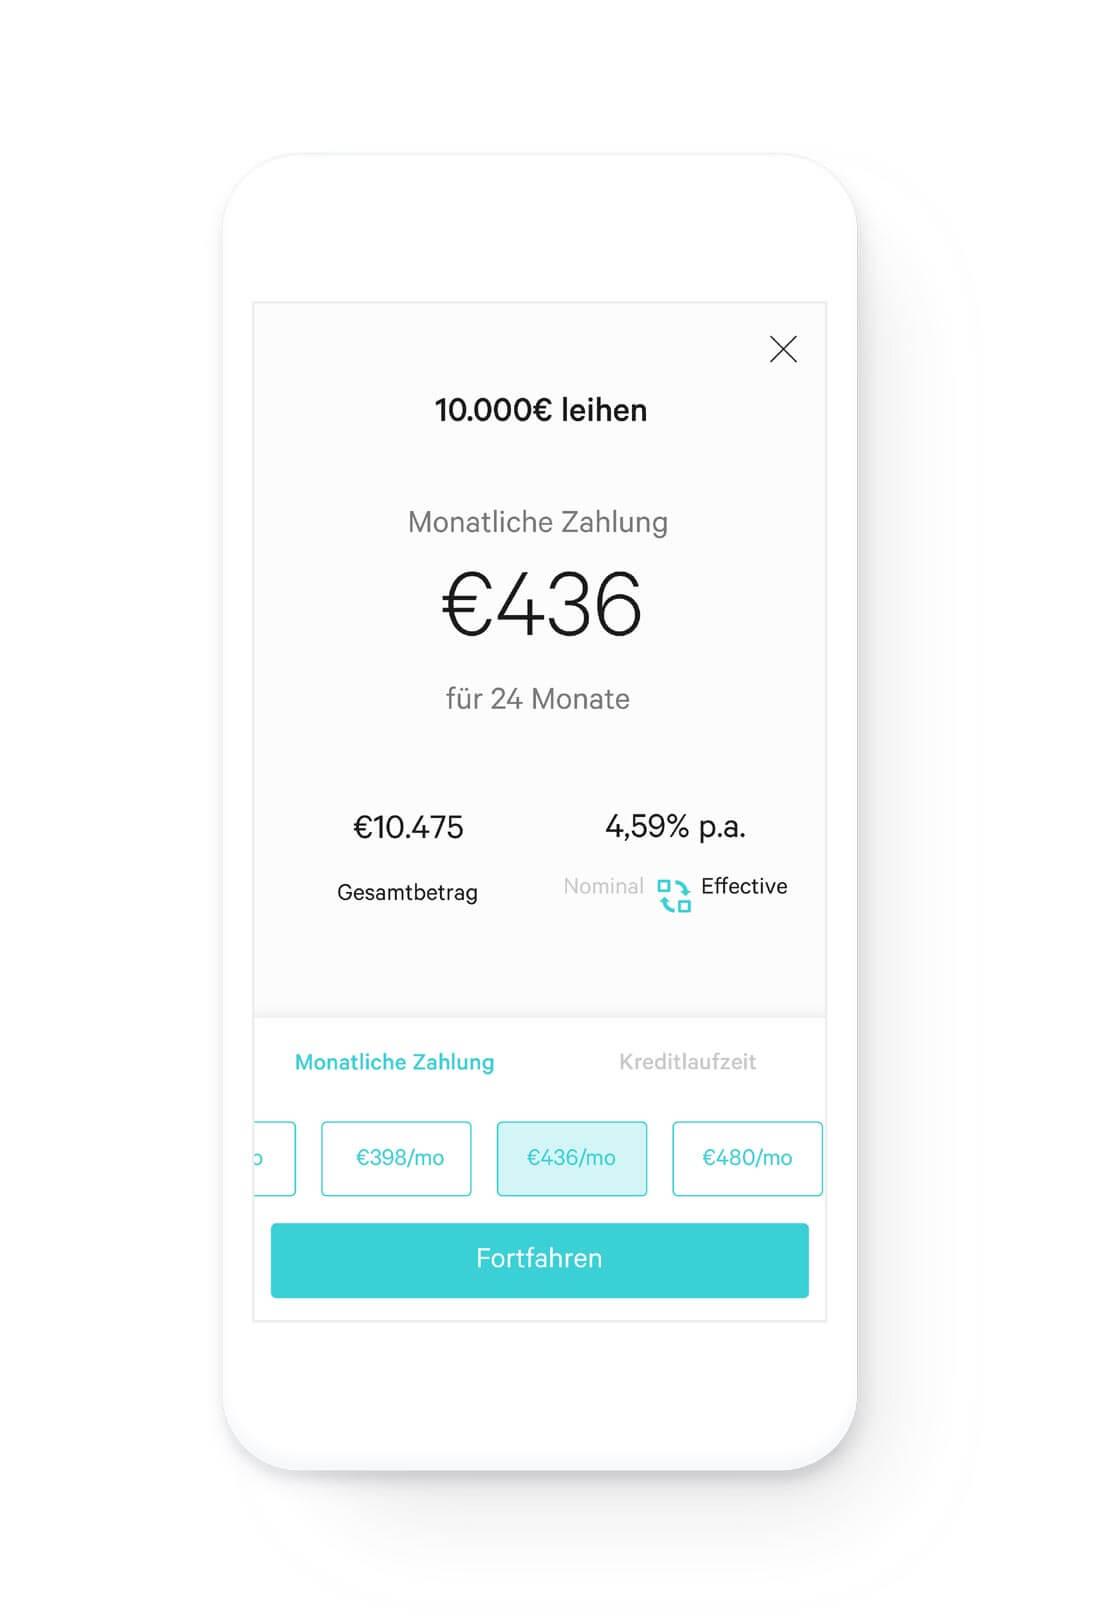 Handy-Display mit Kreditinformationen: Höhe, Zinssatz, verbleibende Raten